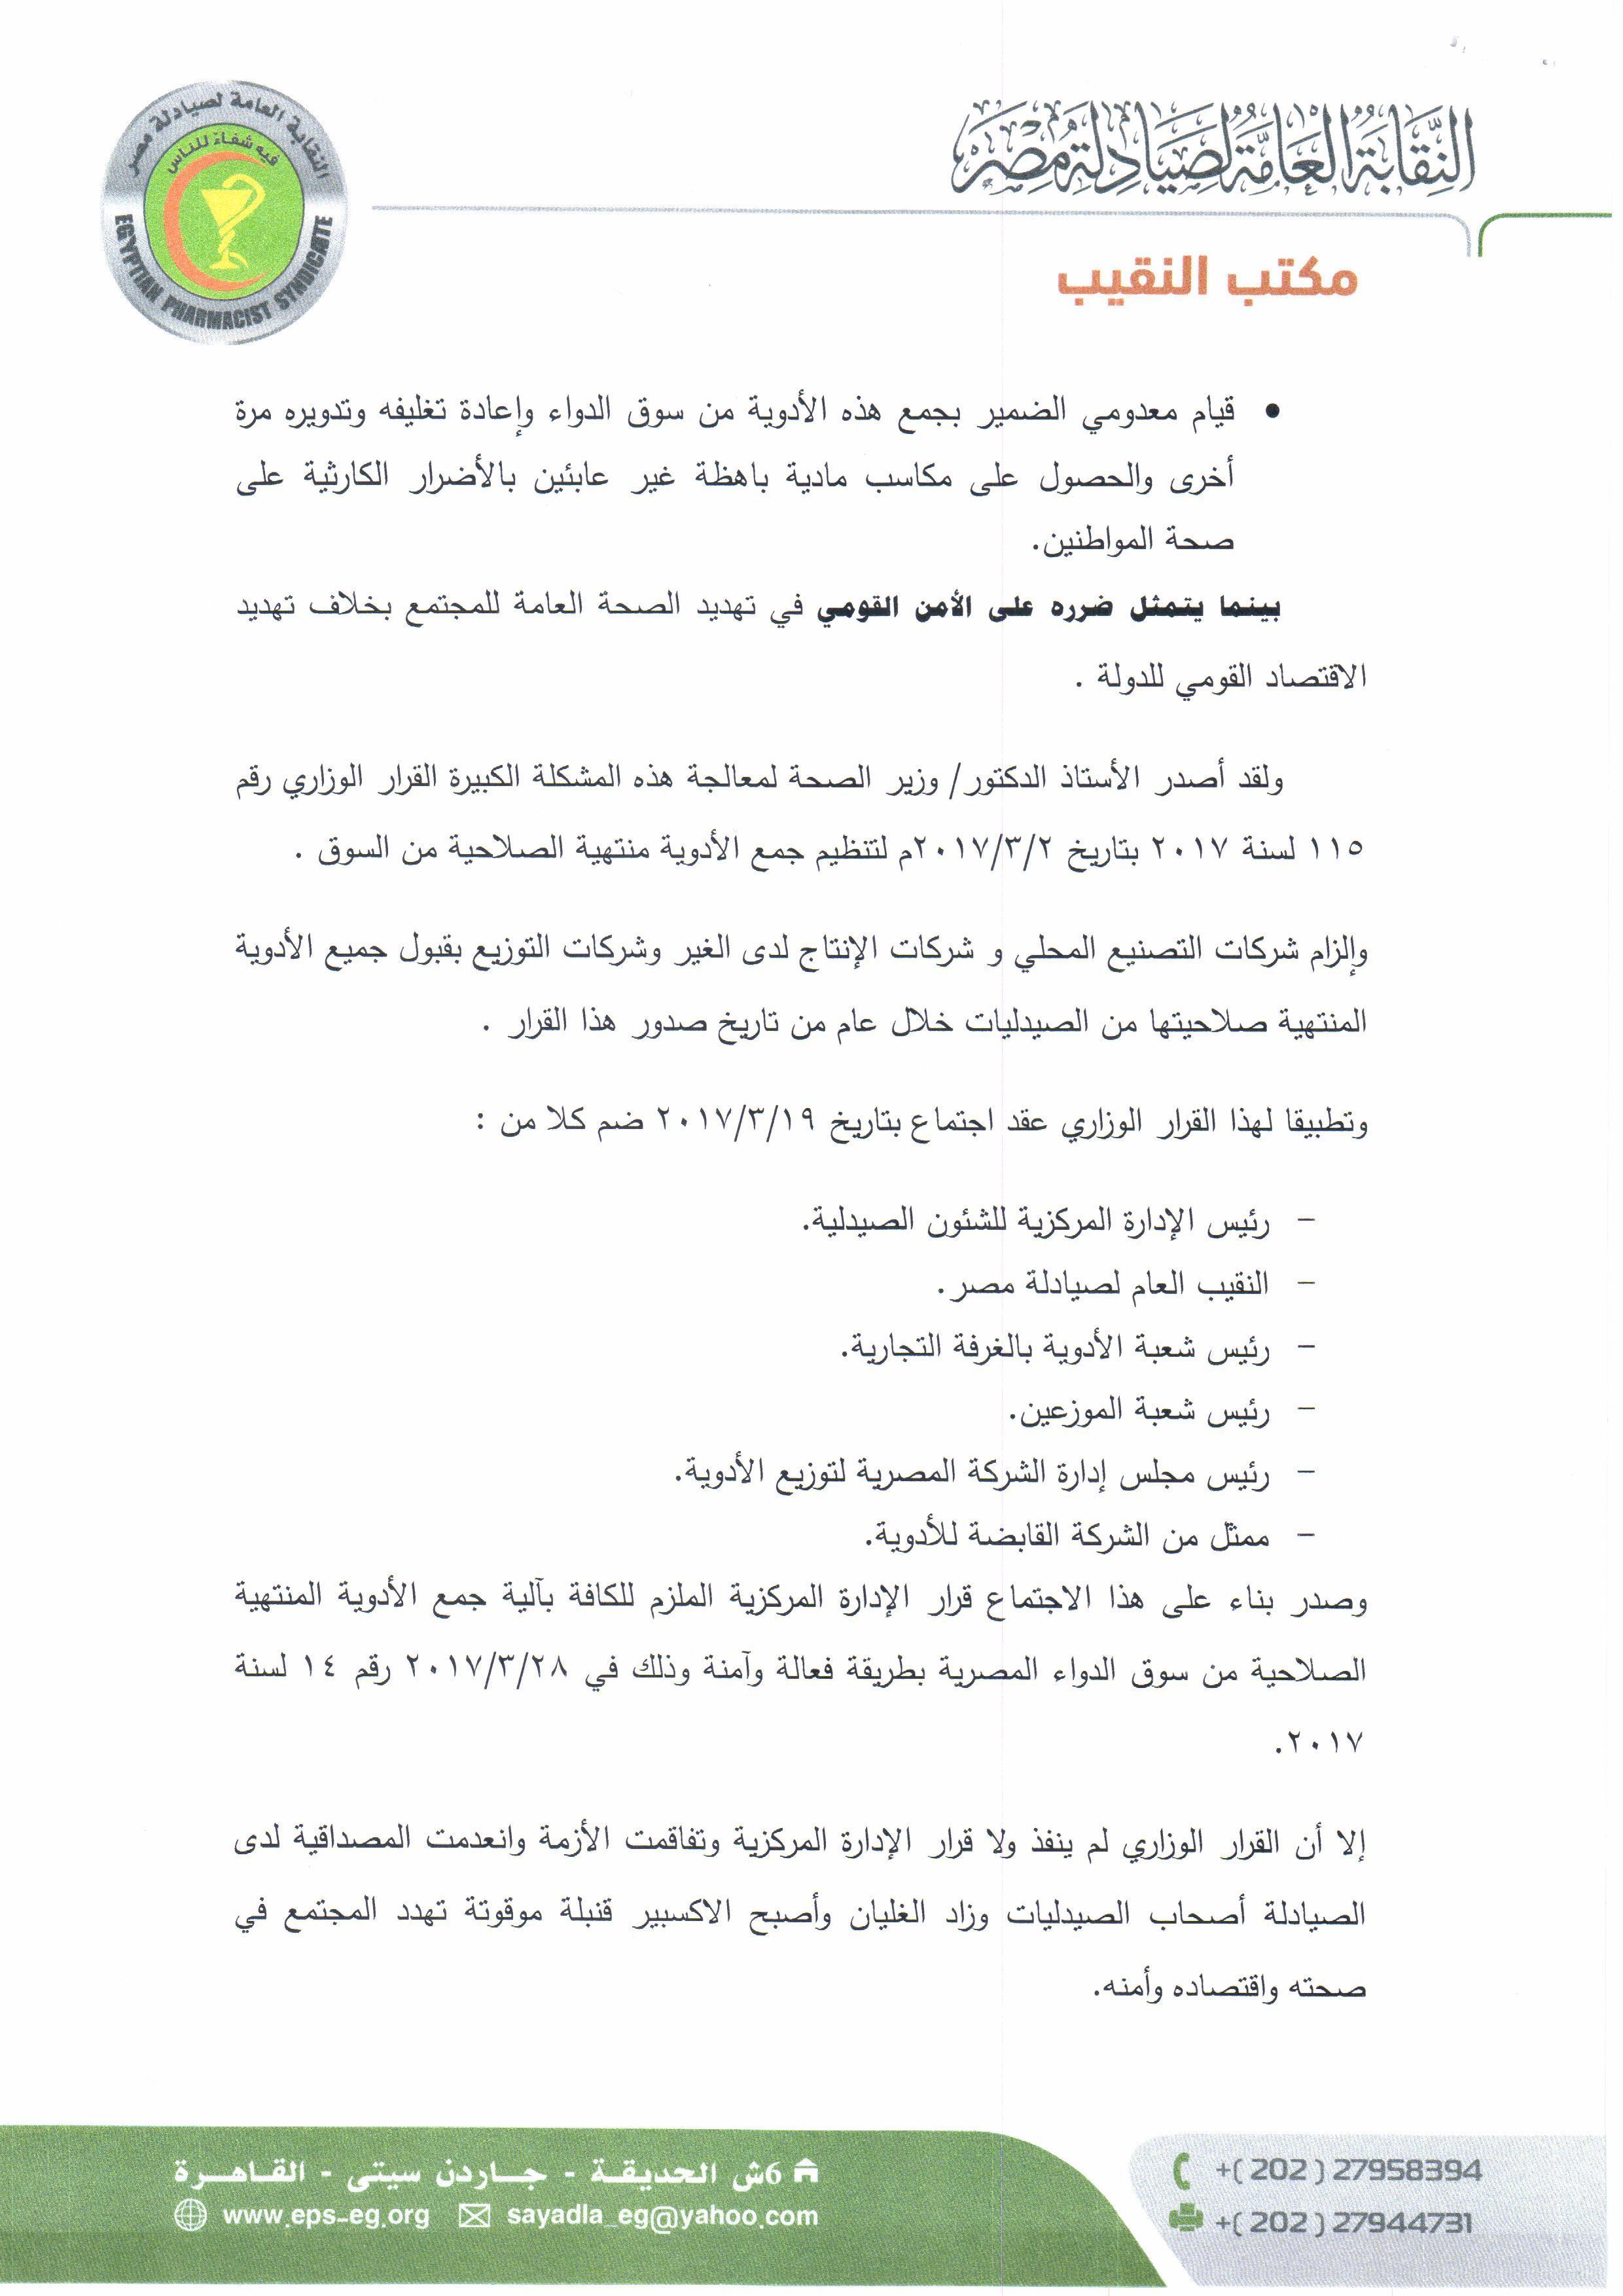 مذكرة نقيب الصيادلة للرئاسة (7)